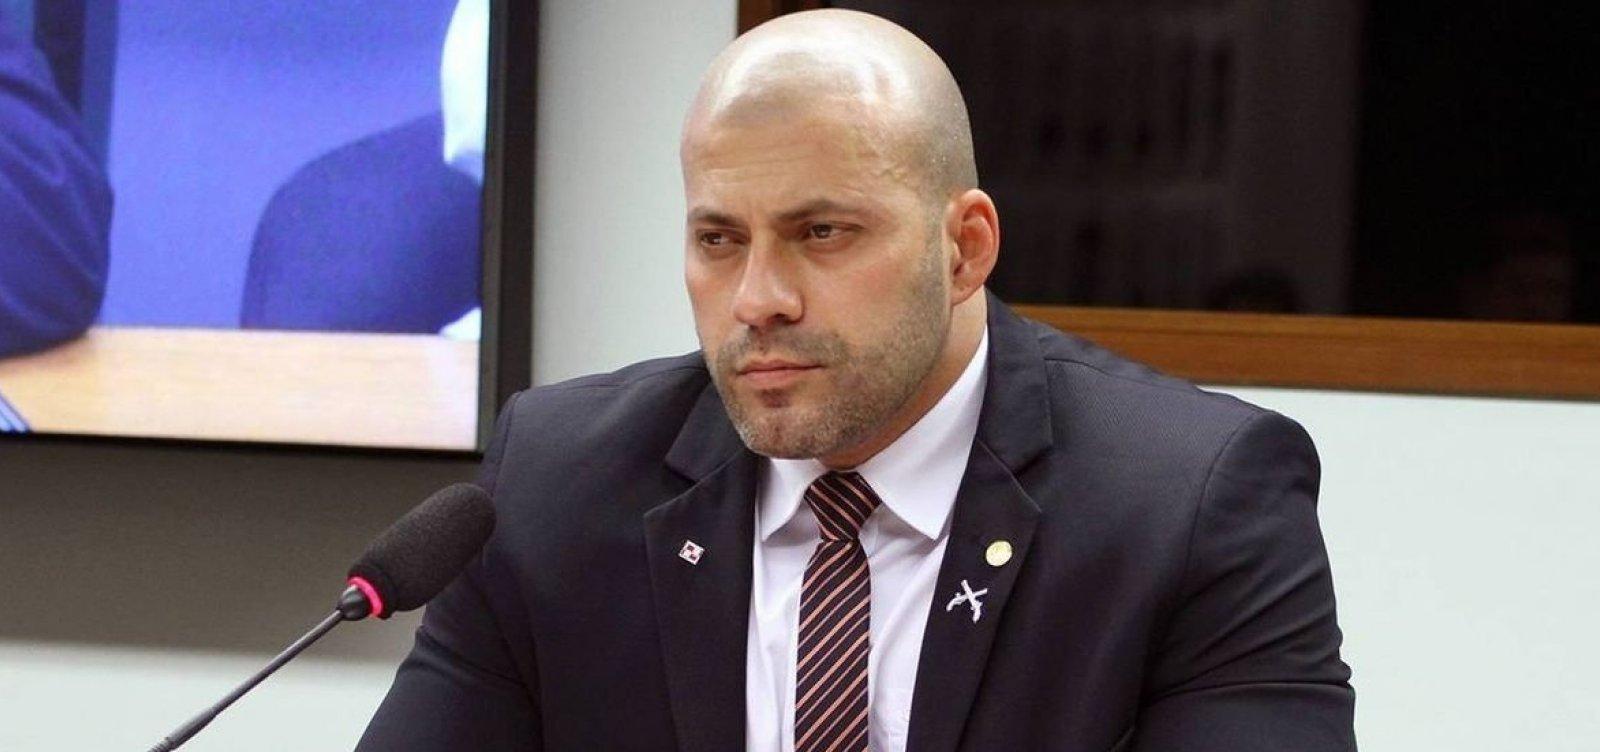 PGR se posiciona pela condenação de bolsonarista Daniel Silveira e diz que liberdade de expressão 'não é absoluta'